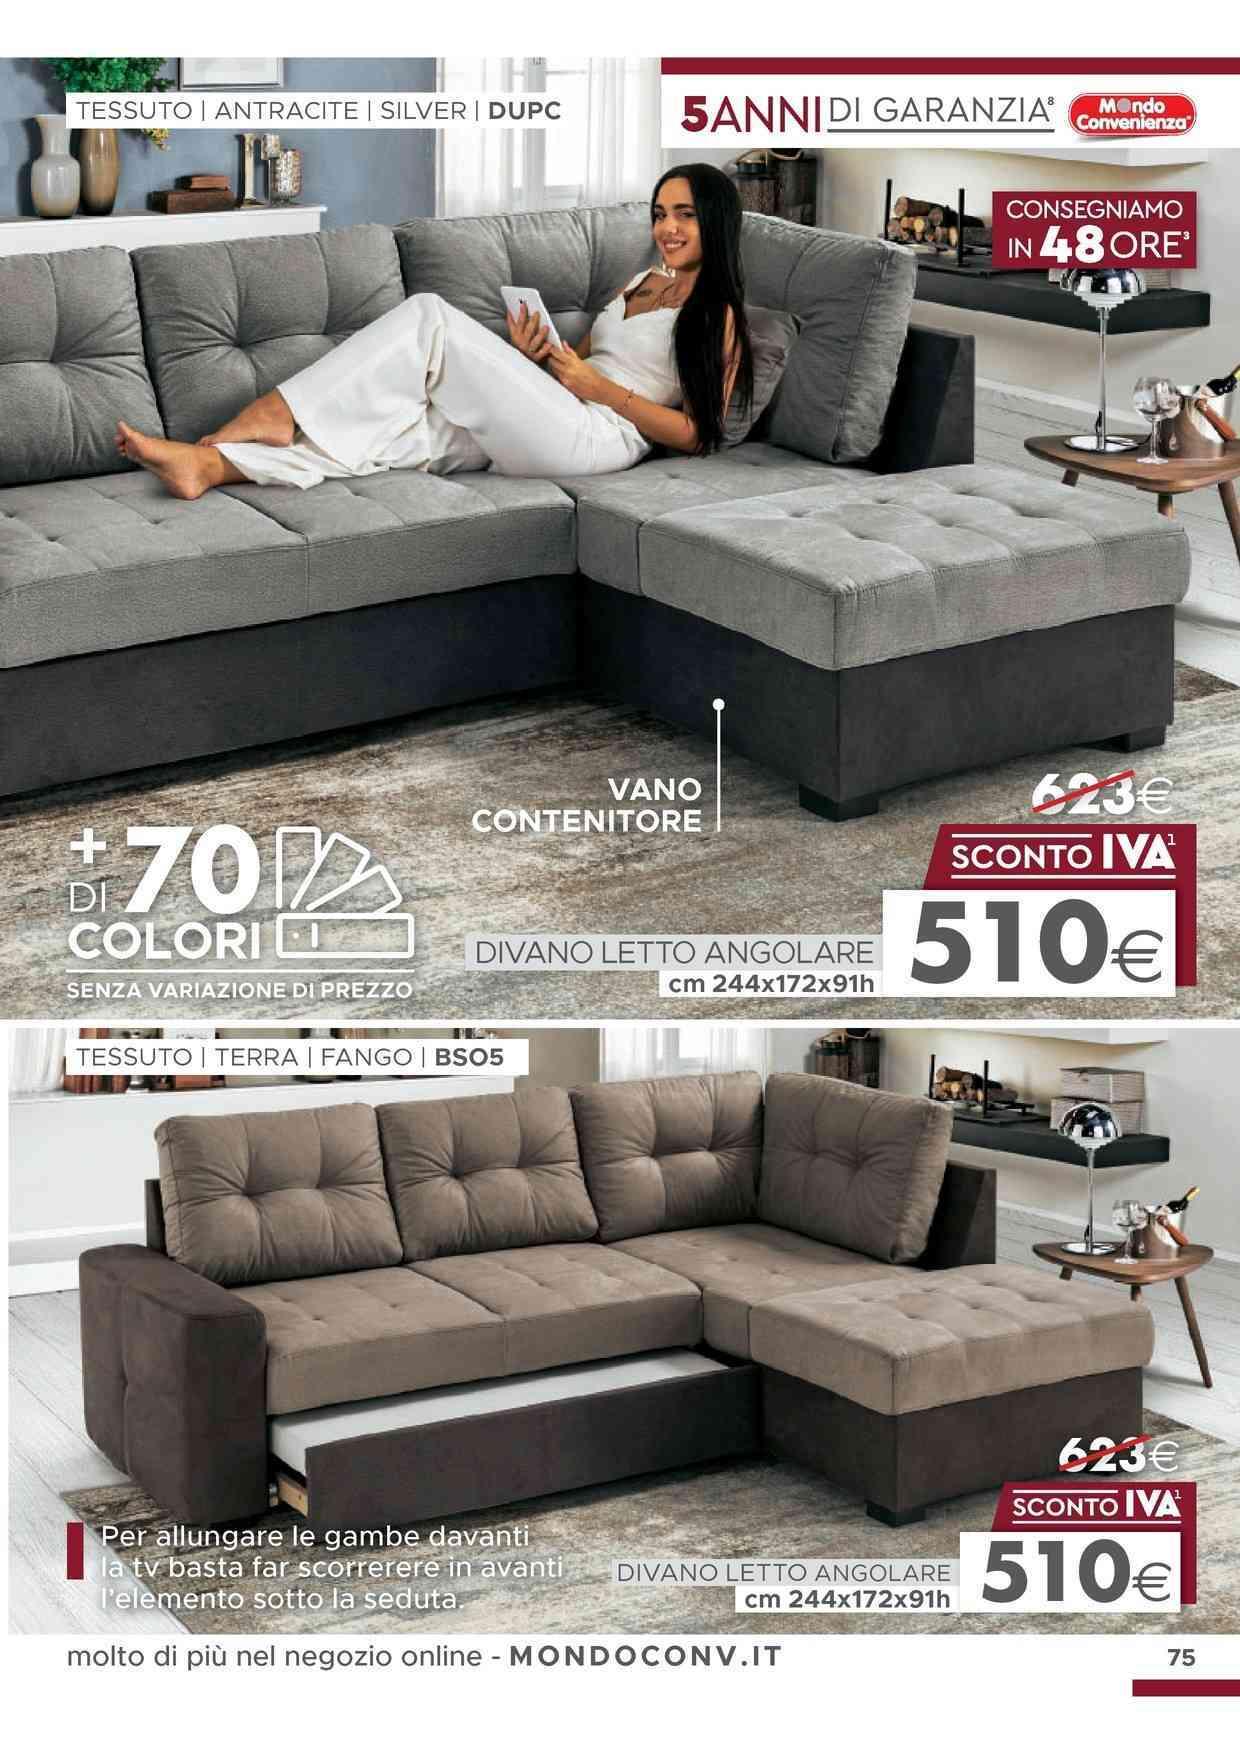 Mondo Convenienza Garanzia Cucina offerte divani letto a fabbrico, negozi per arredare casa